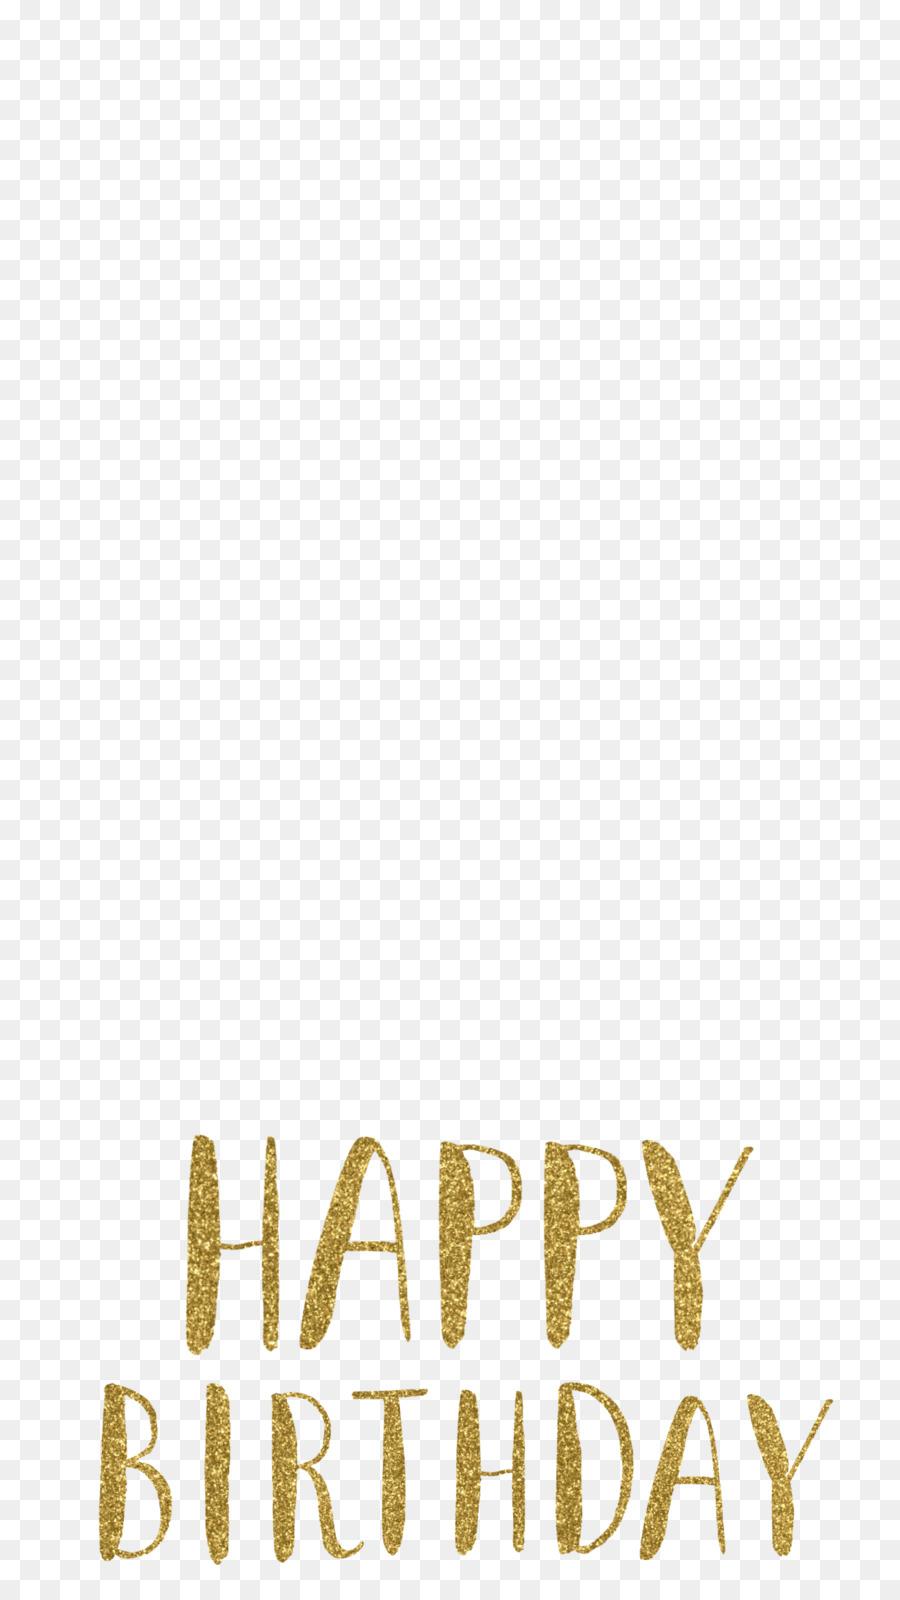 Geburtstag-Kuchen-Hochzeits-Einladung Happy Birthday To You bestimmt für Vorlage Happy Birthday